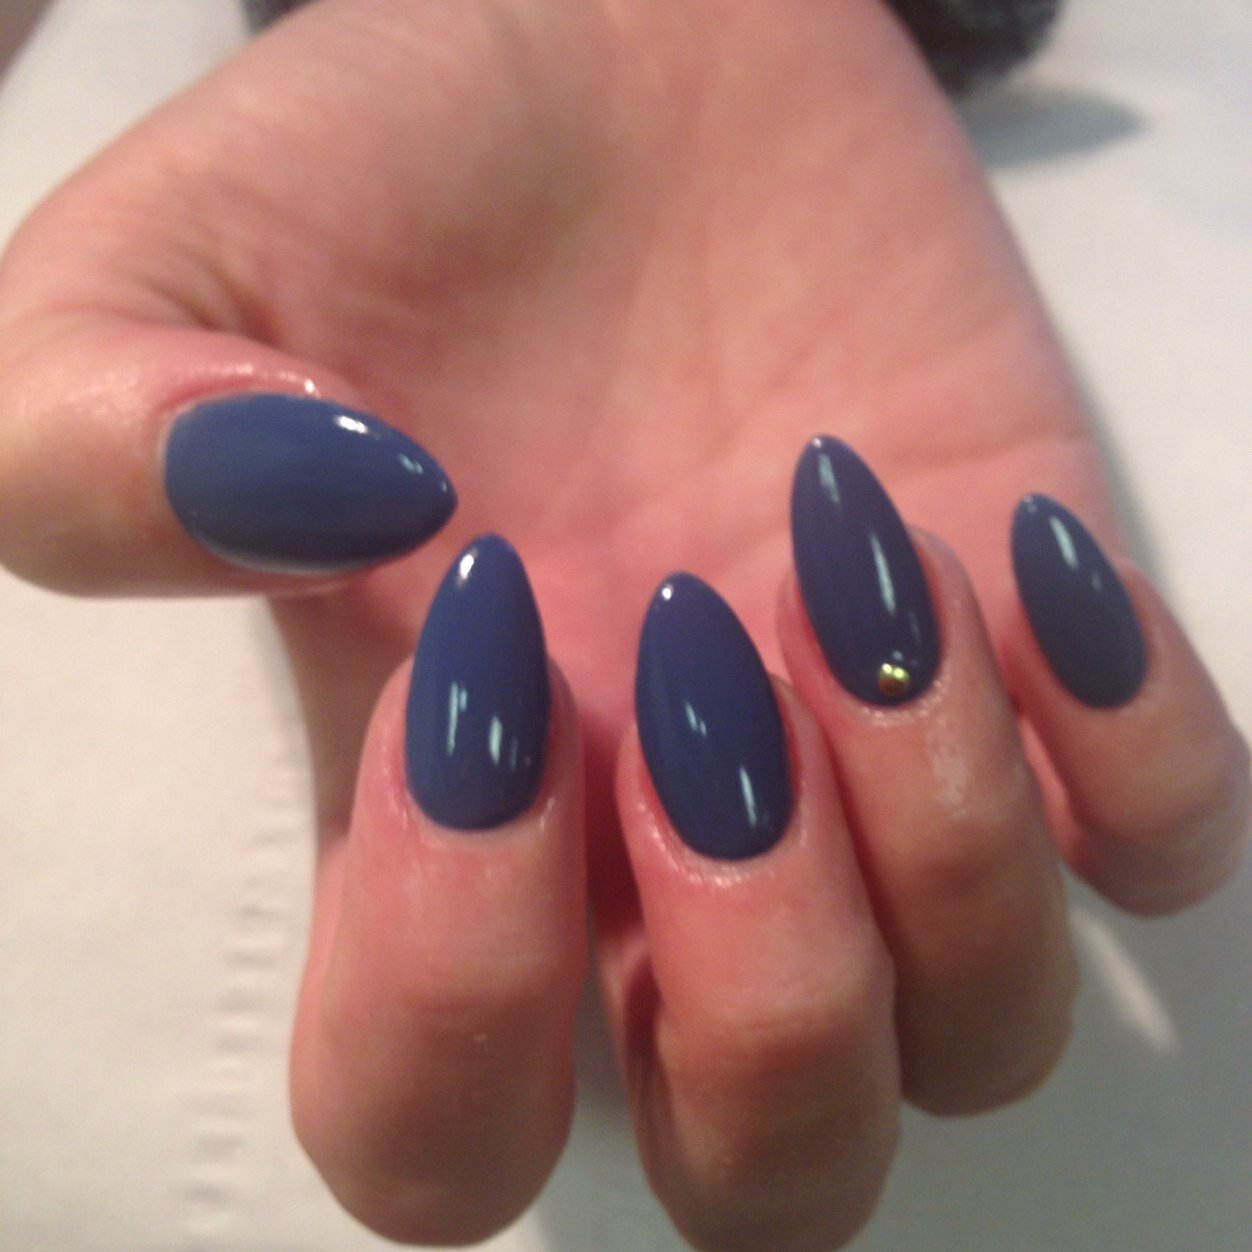 Nails etc (@Nails_etc06)